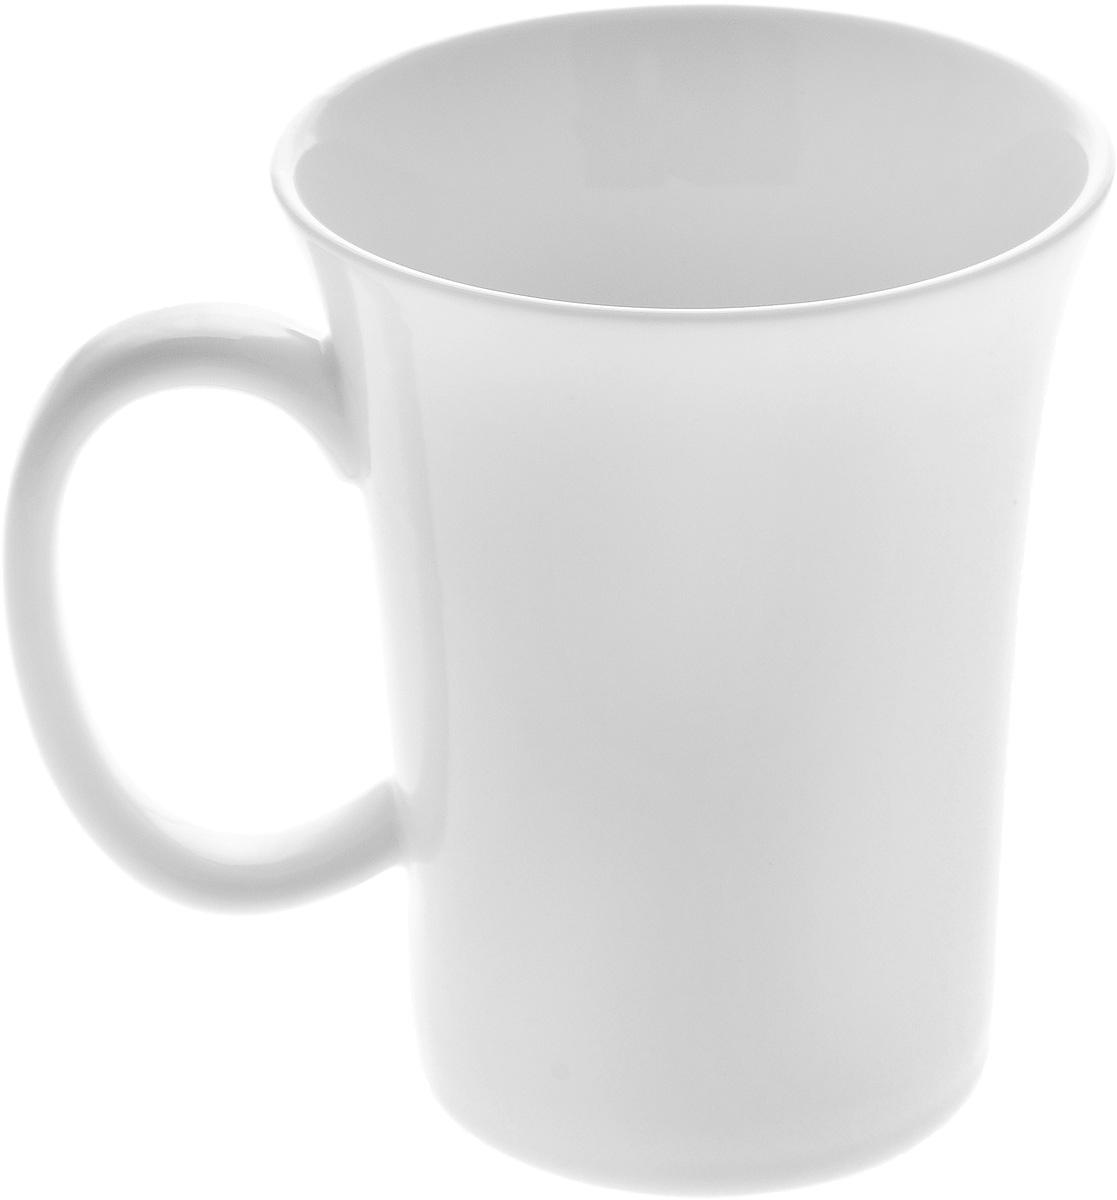 Кружка Wilmax, 350 млWL-993011 / AКружка Wilmax изготовлена из высококачественного фарфора и сочетает в себе оригинальный дизайн и функциональность. Такая кружка идеально впишется в интерьер современной кухни, а также станет хорошим и практичным подарком на любой праздник. Диаметр кружки(по верхнему краю): 9 см.